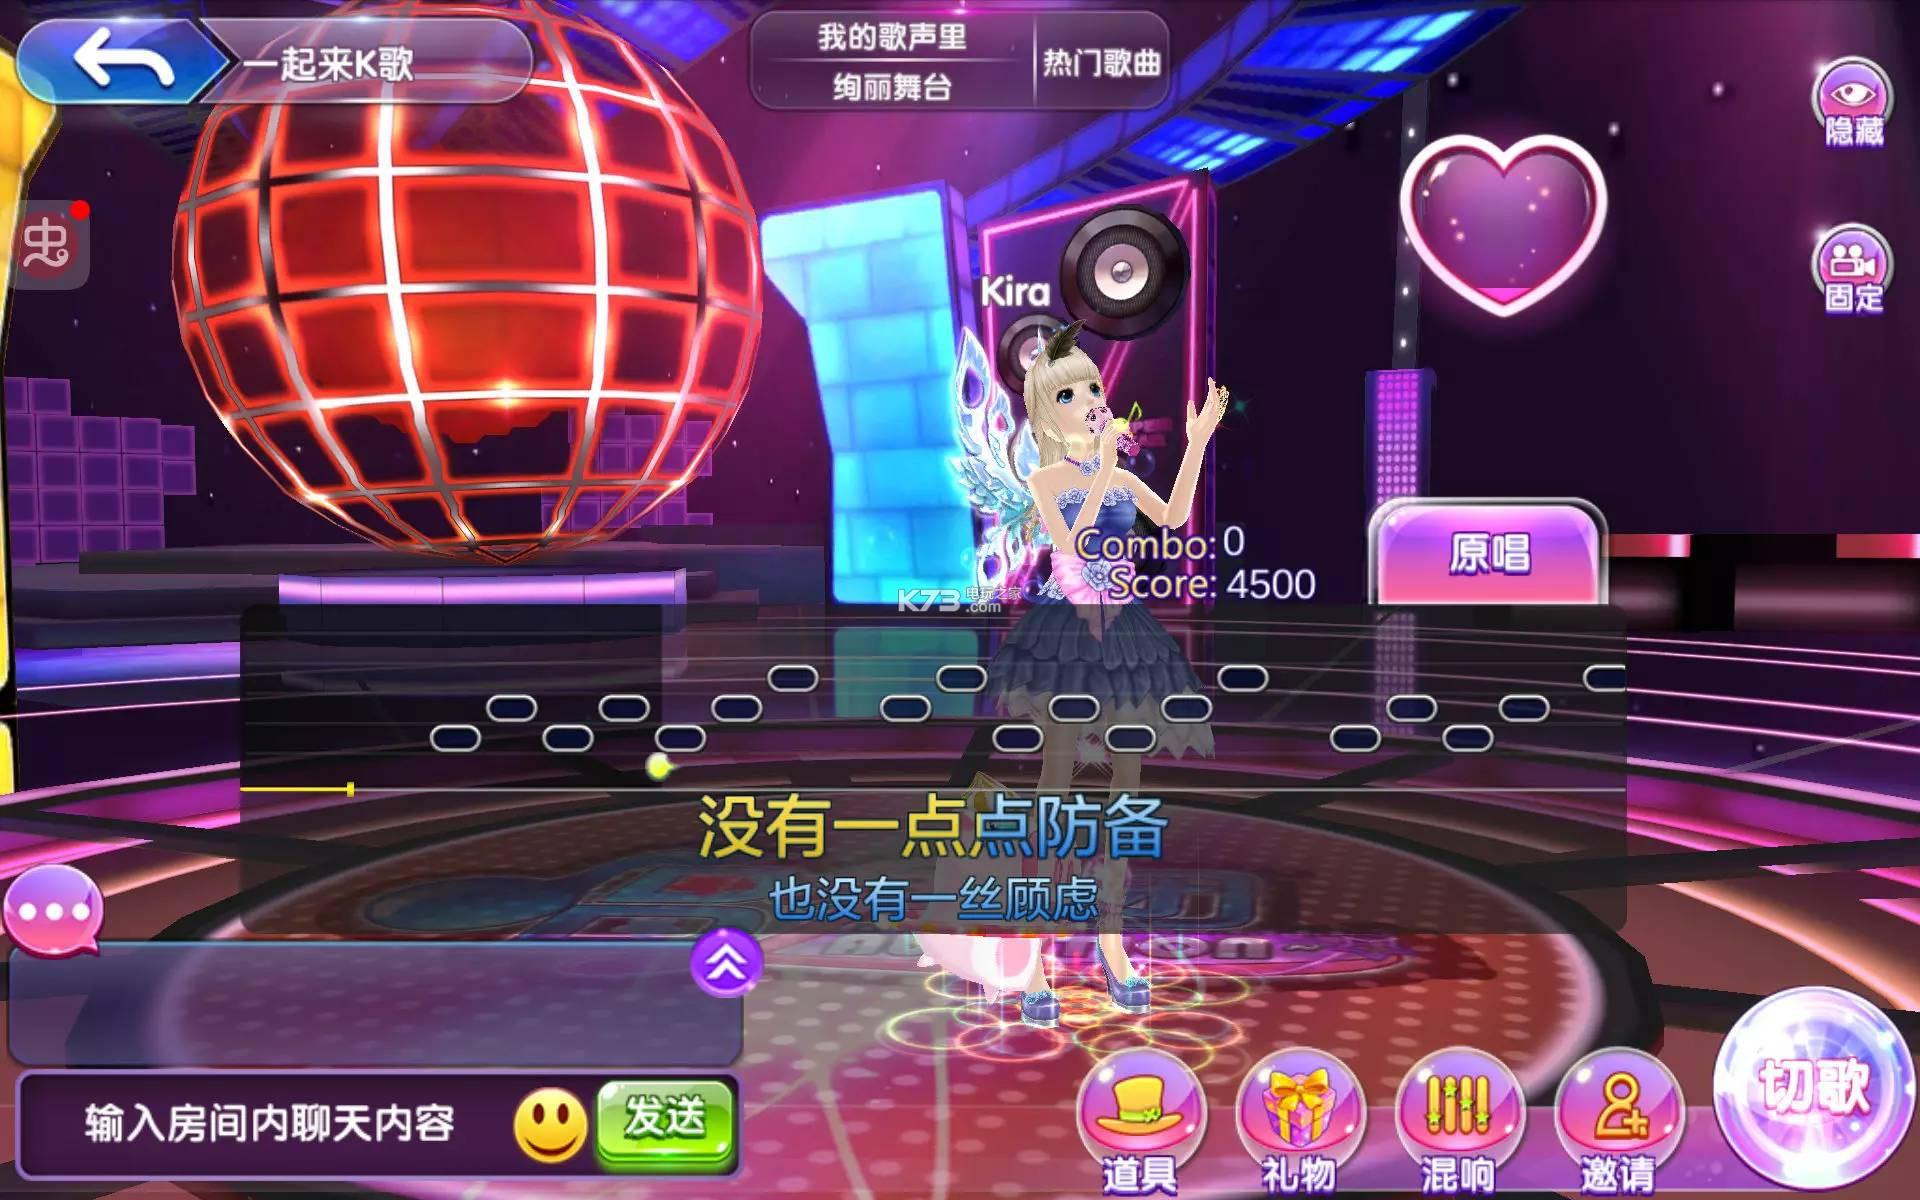 唱舞团 v1.2.1 安卓版下载 截图